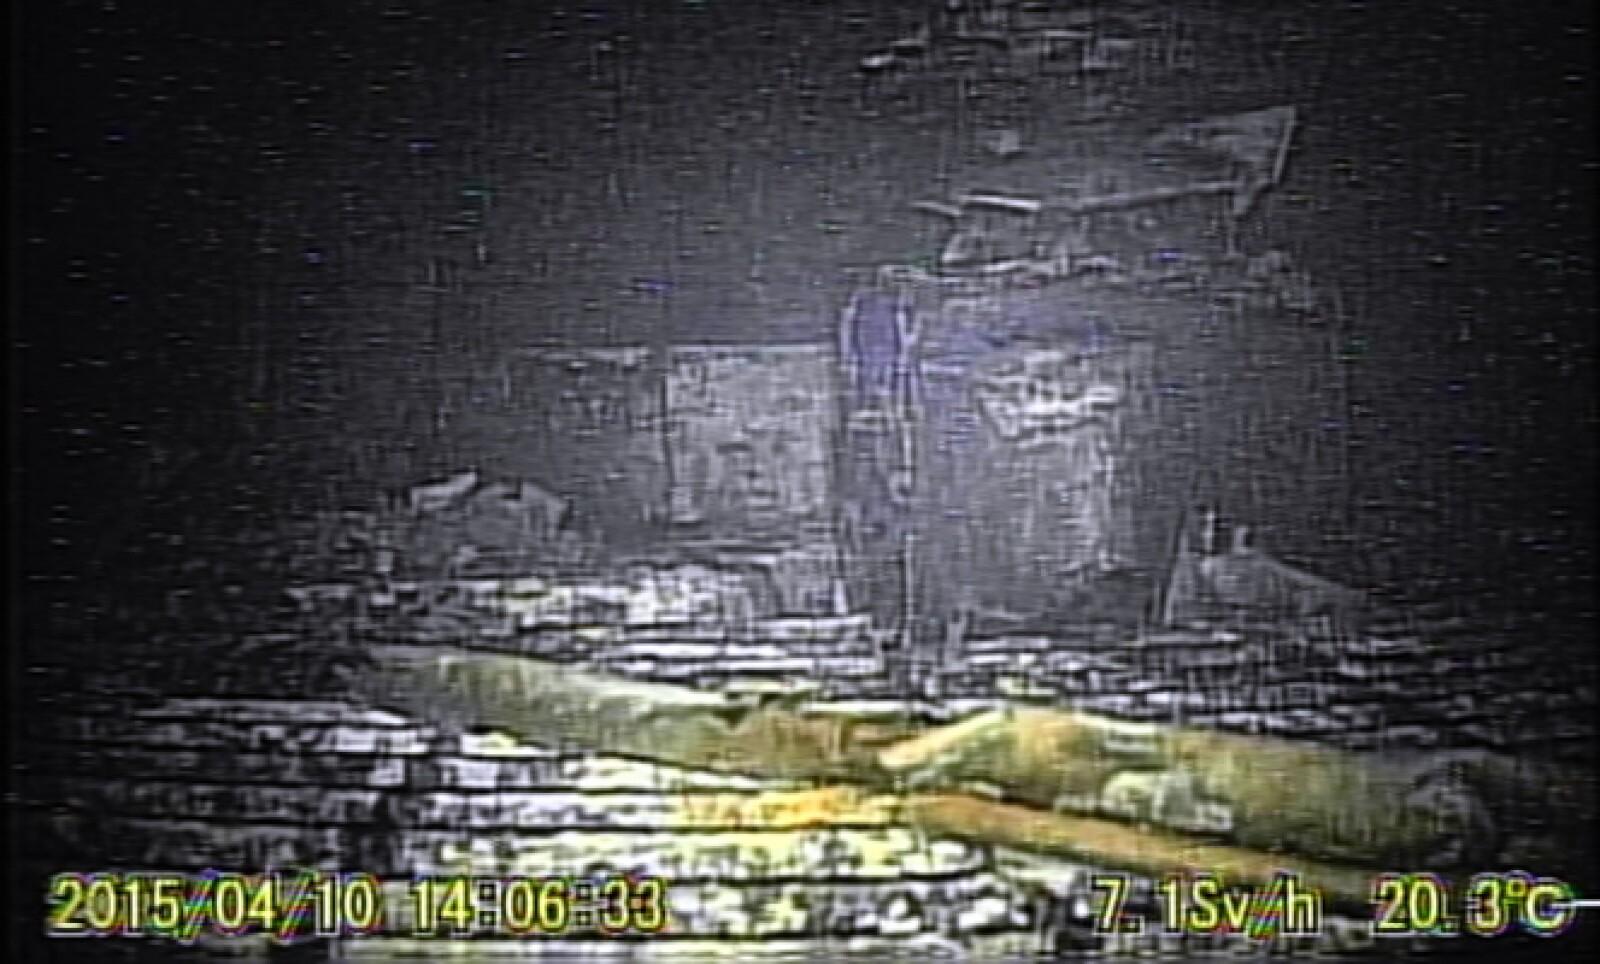 El robot permitió medir la radiactividad dentro del recinto de confinamiento que, según Tepco, va de unos 6 sieverts/hora a cerca de 25 sv/h.